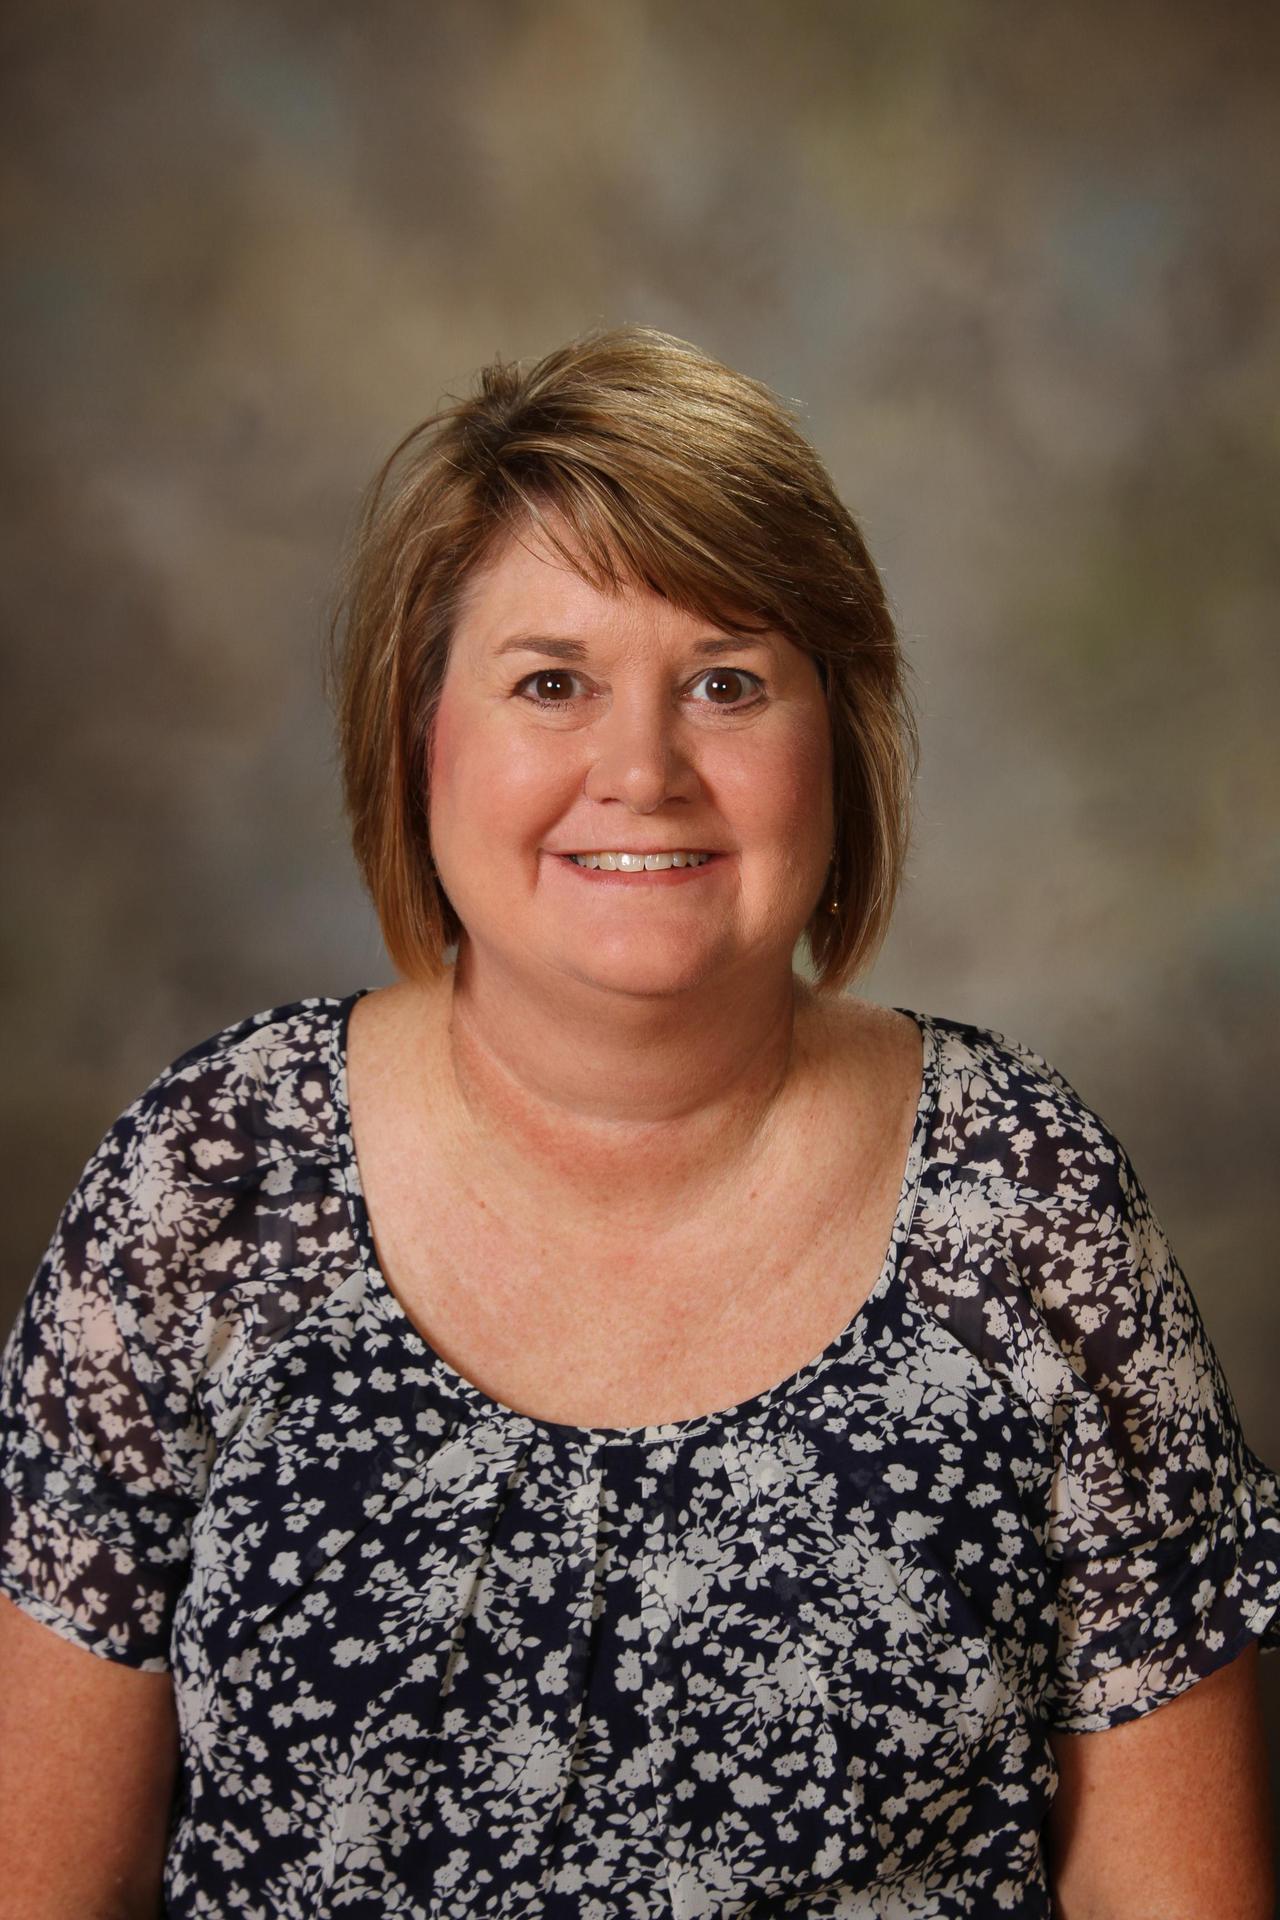 Ms. Bogle